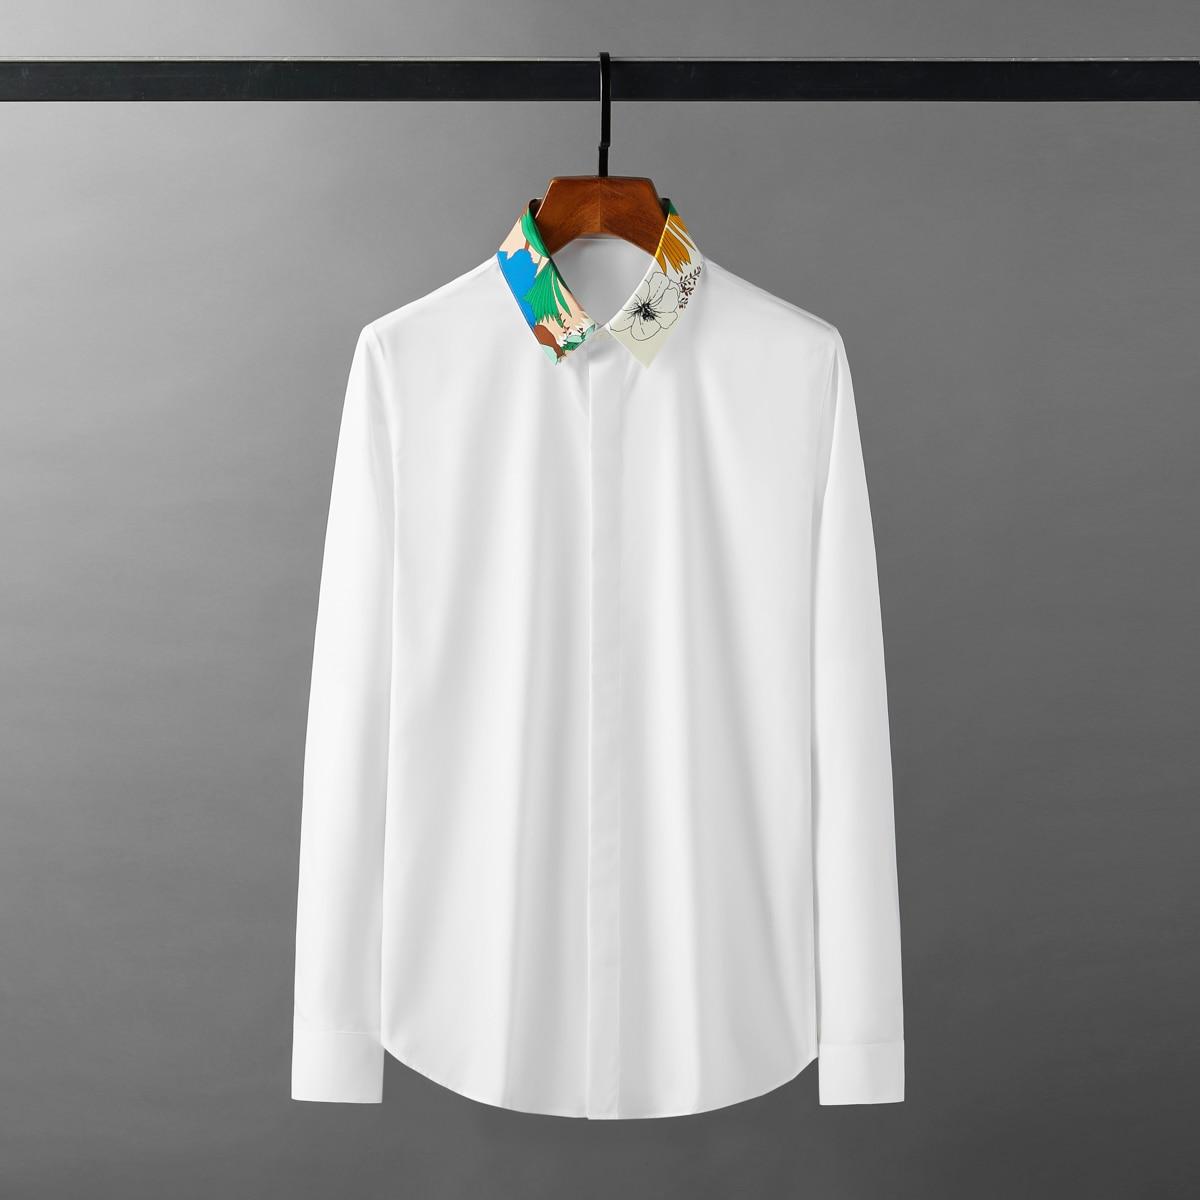 قمصان رجالي بياقة مطبوعة من Minglu قمصان رجالي فاخرة طويلة الأكمام للحفلات قمصان ضيقة تناسب ملابس الشارع الشهير قمصان سهرة رجالية مقاس كبير 4XL